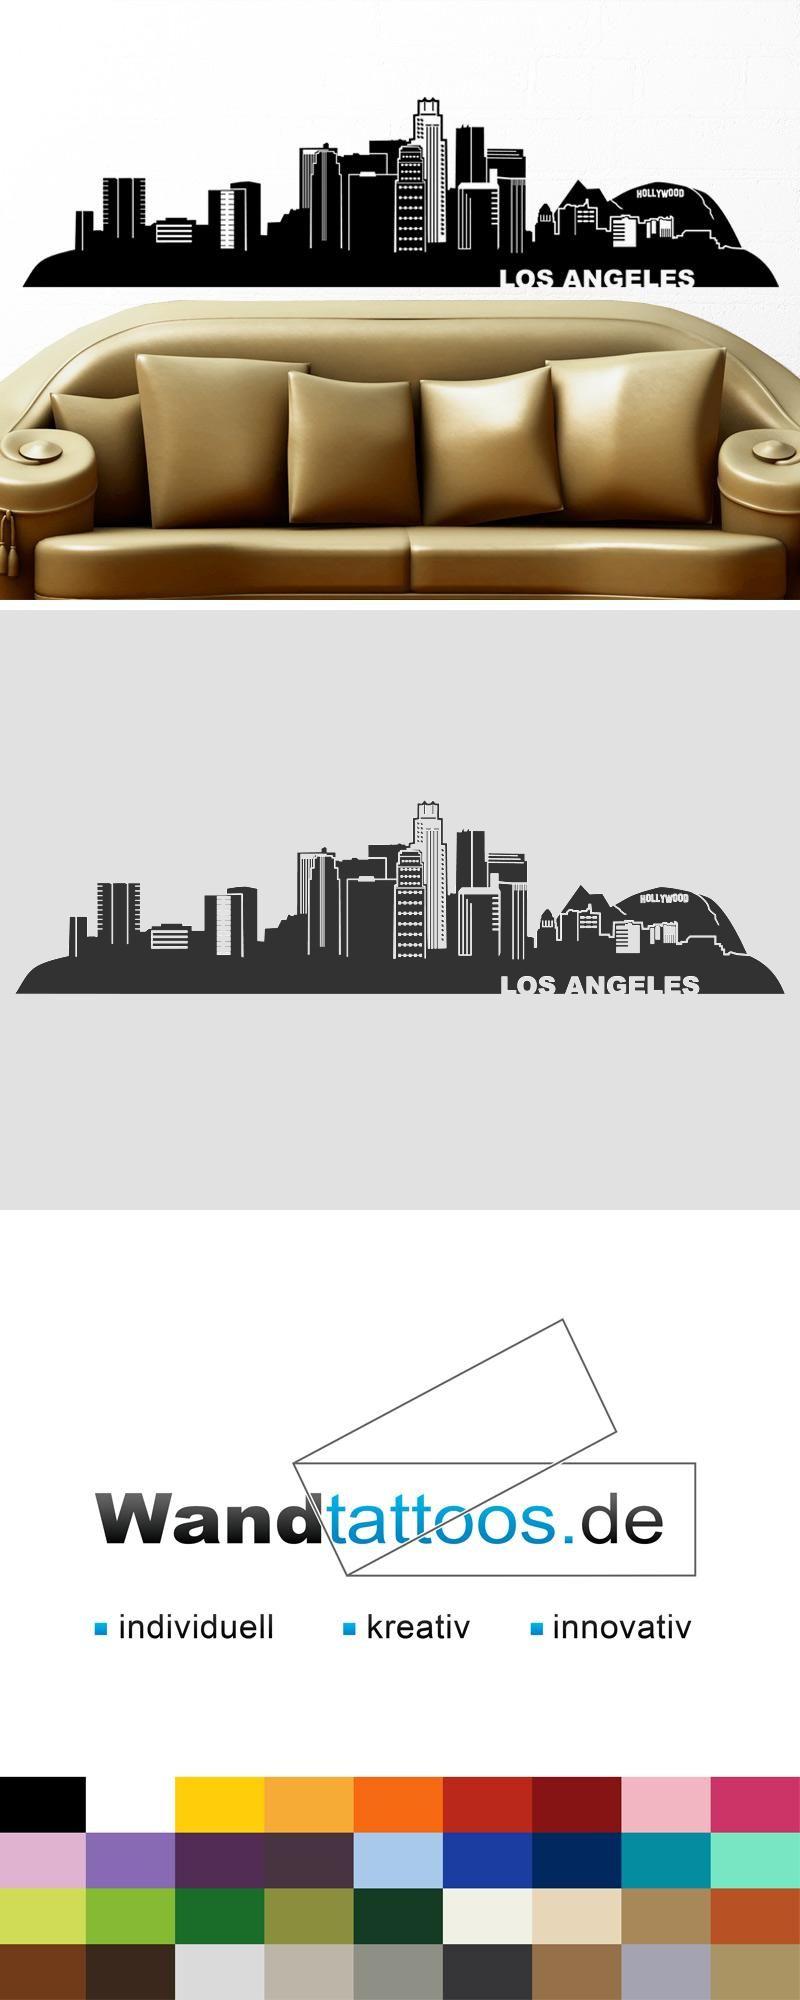 Genial Wandtattoo Köln Foto Von Los Angeles Skyline Als Idee Zur Individuellen